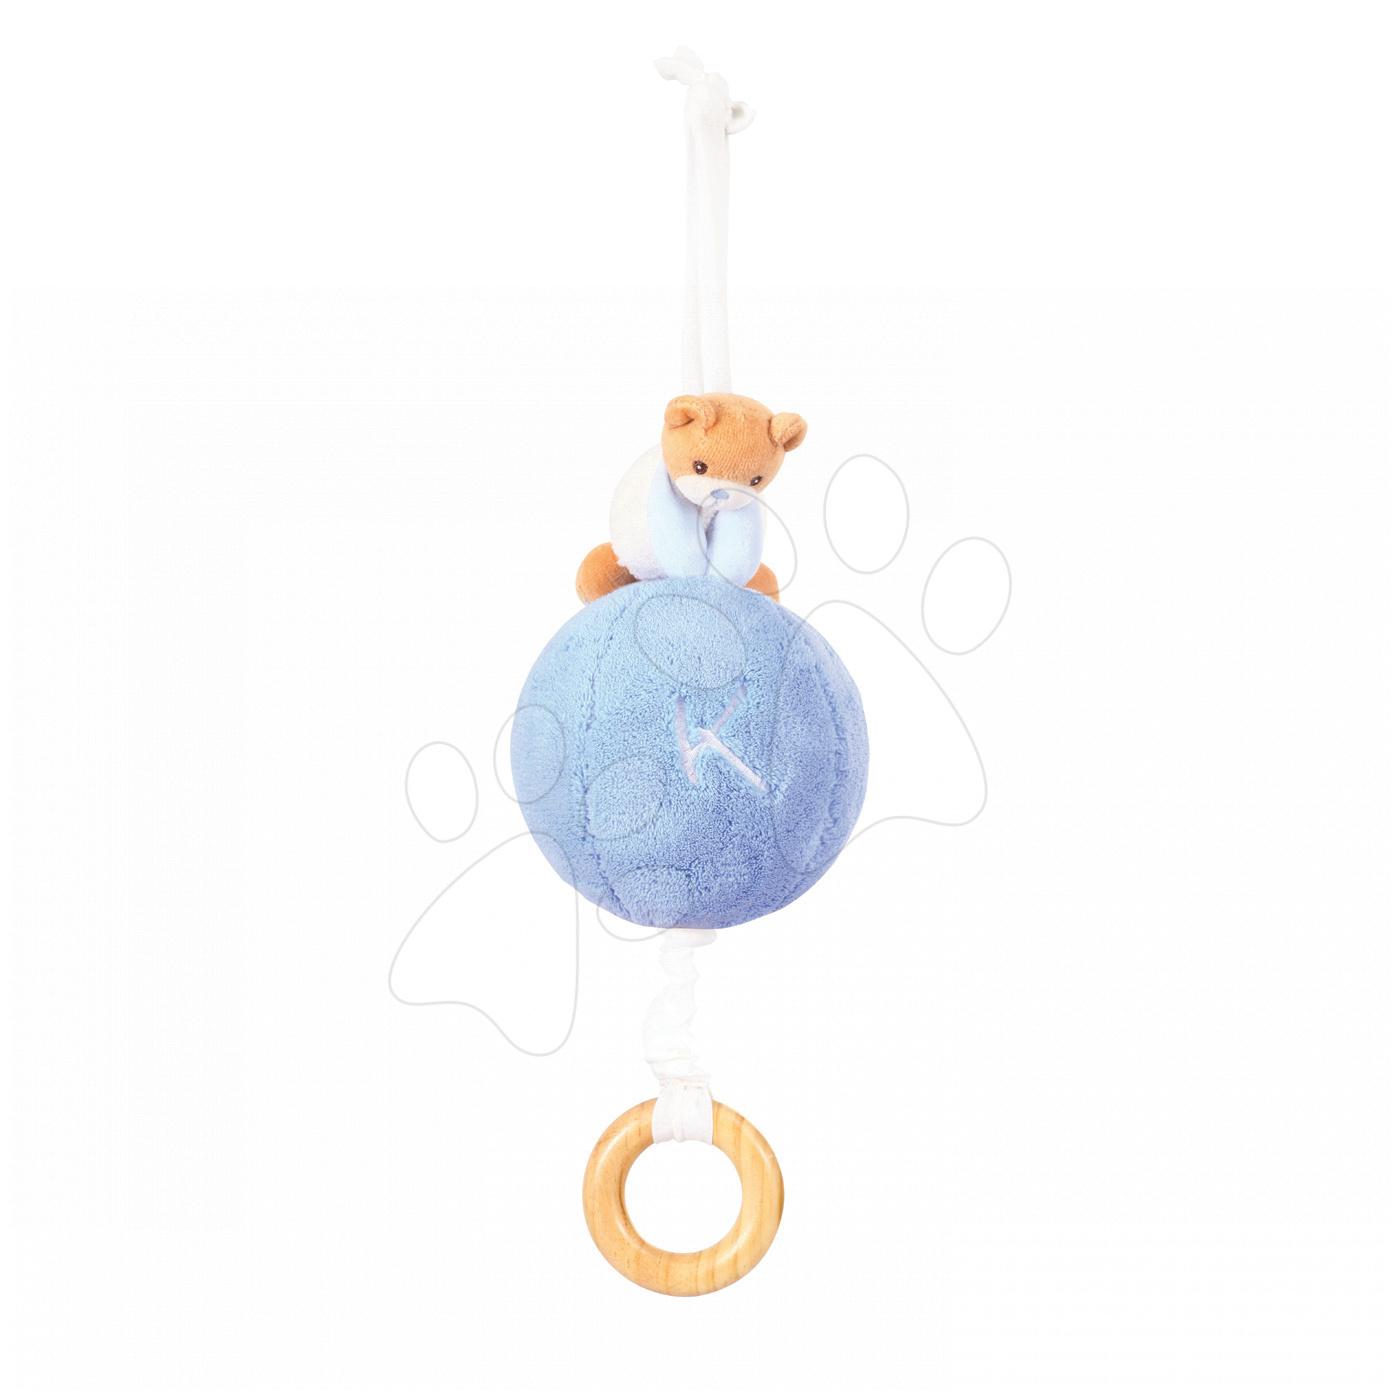 Plyšový míček medvěd s hudbou Plume - Pull Along Ball Kaloo modrý z jemného měkkého plyše